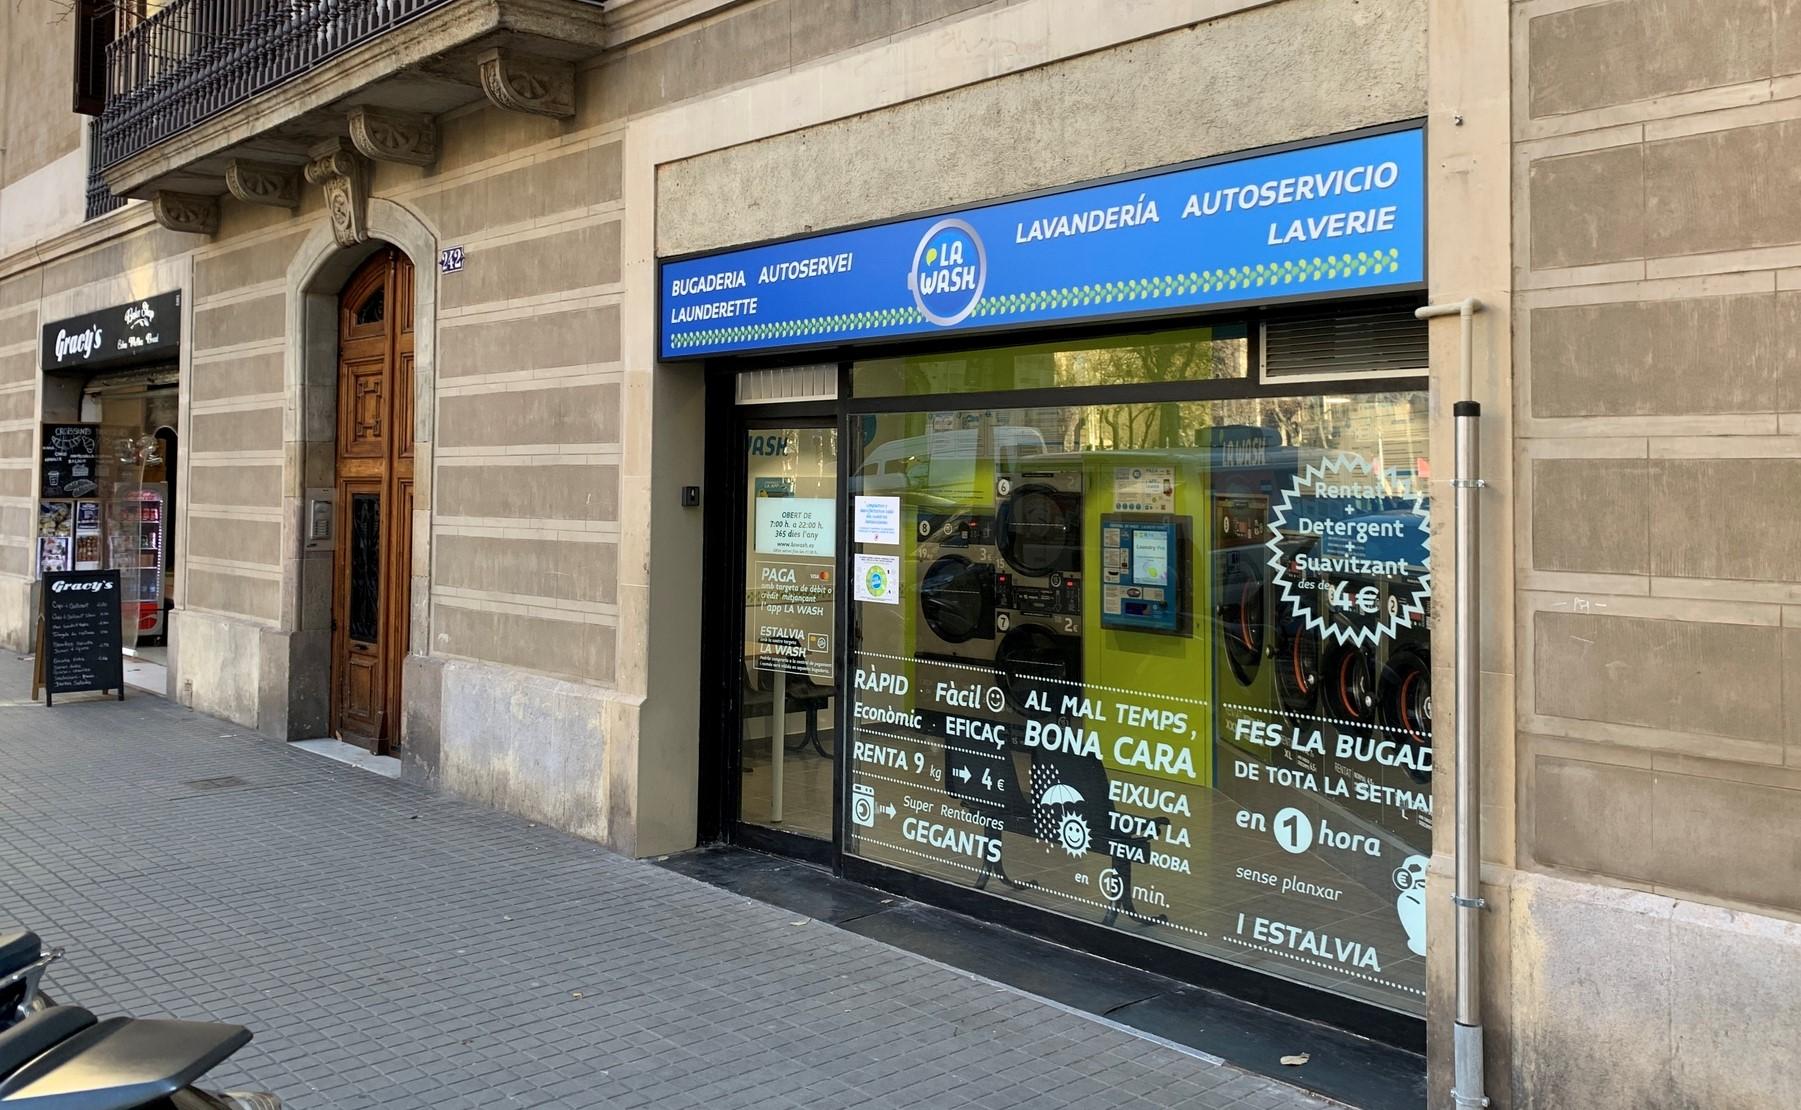 Lavandería La Wash de Valencia 242 Barcelona